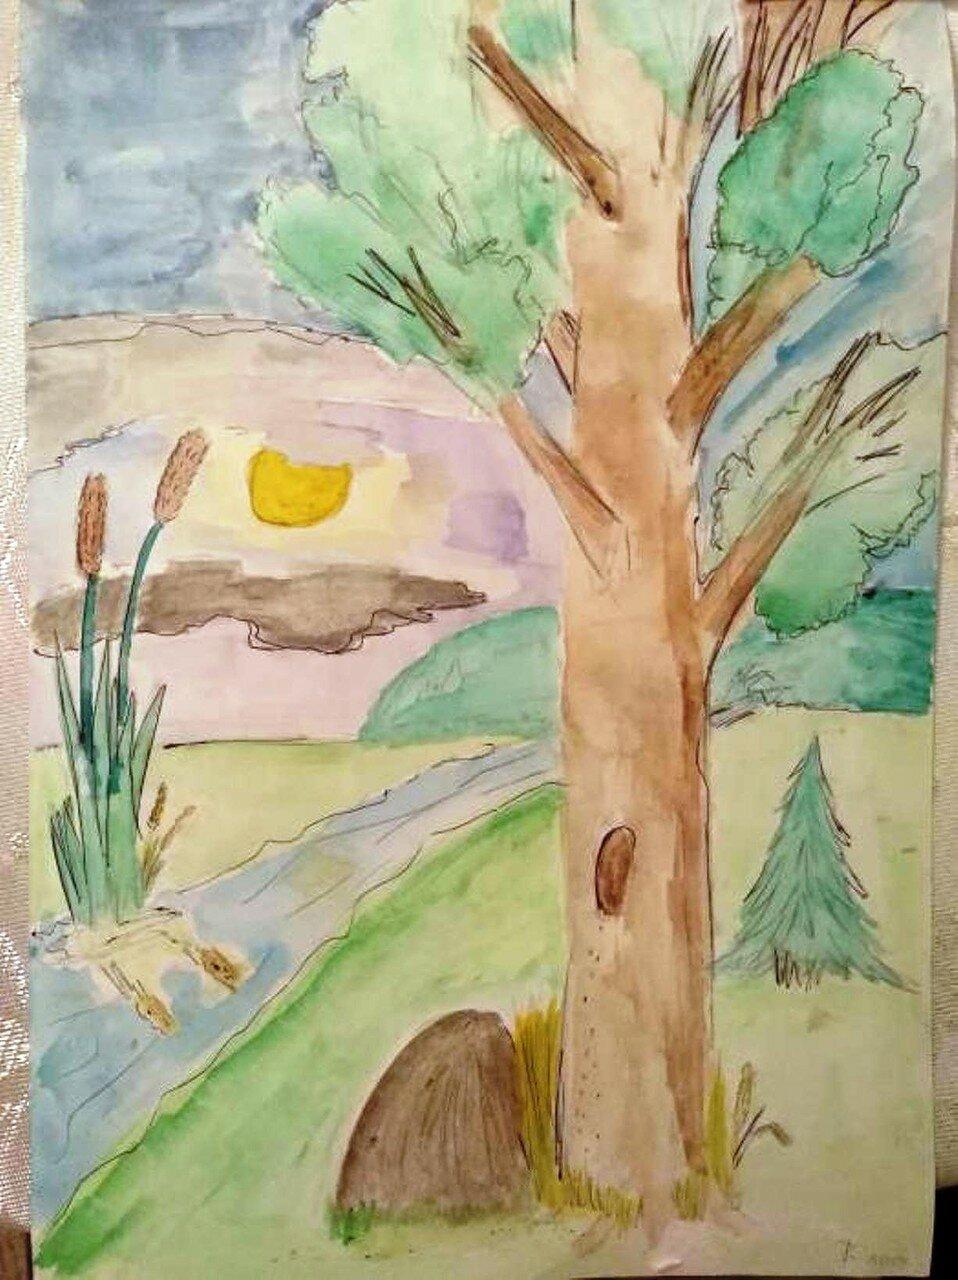 Лесная тишь - Анисимов Егор, 10 лет, Тема -- Рисунок, г. Луховицы.jpg